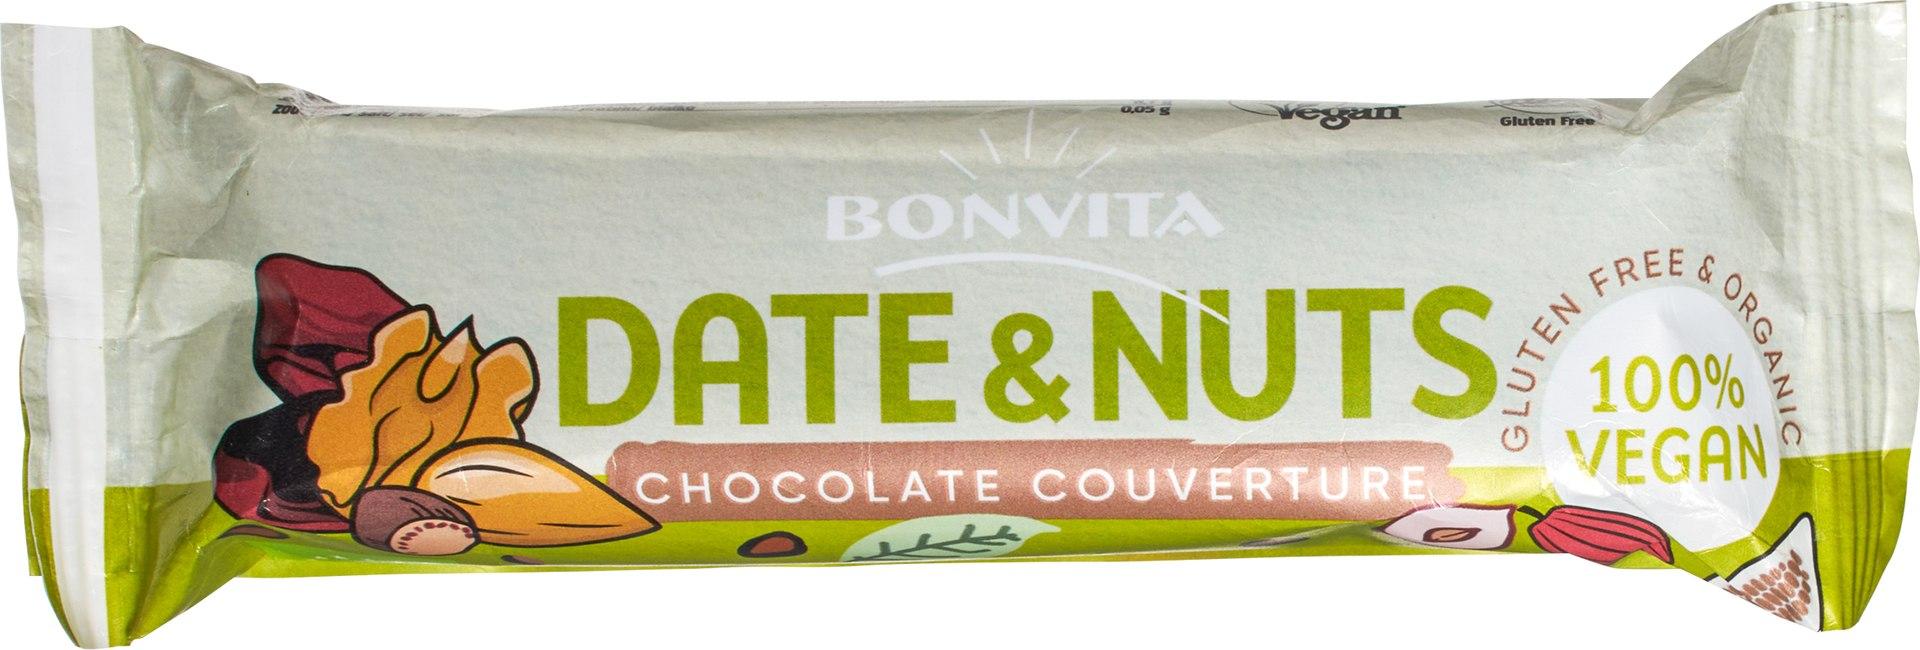 Biologische Bonvita Dadel & notenreep met chocolade 40 gr